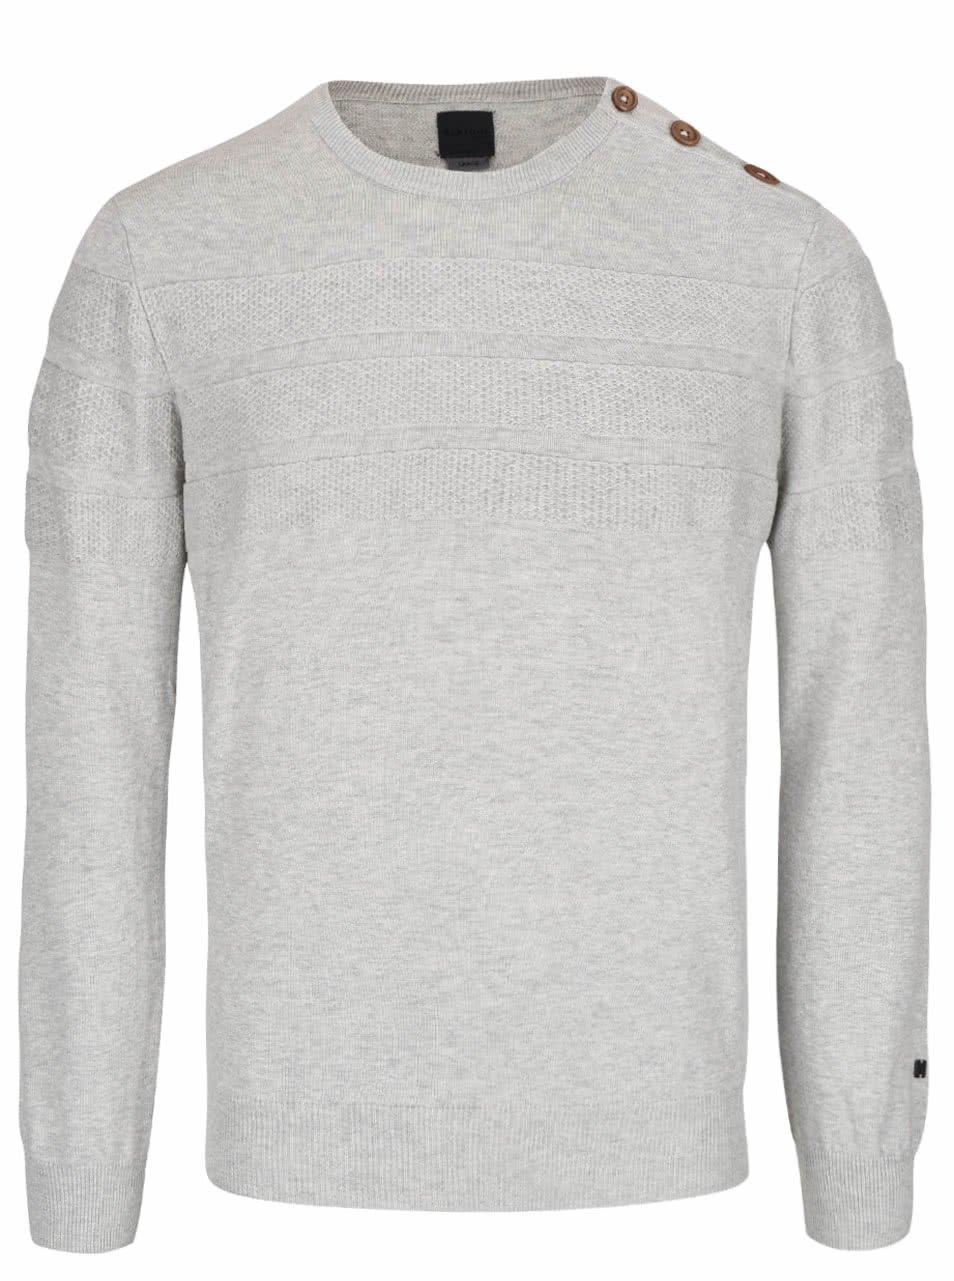 Světle šedý svetr s knoflíky na rameni Bertoni Esben